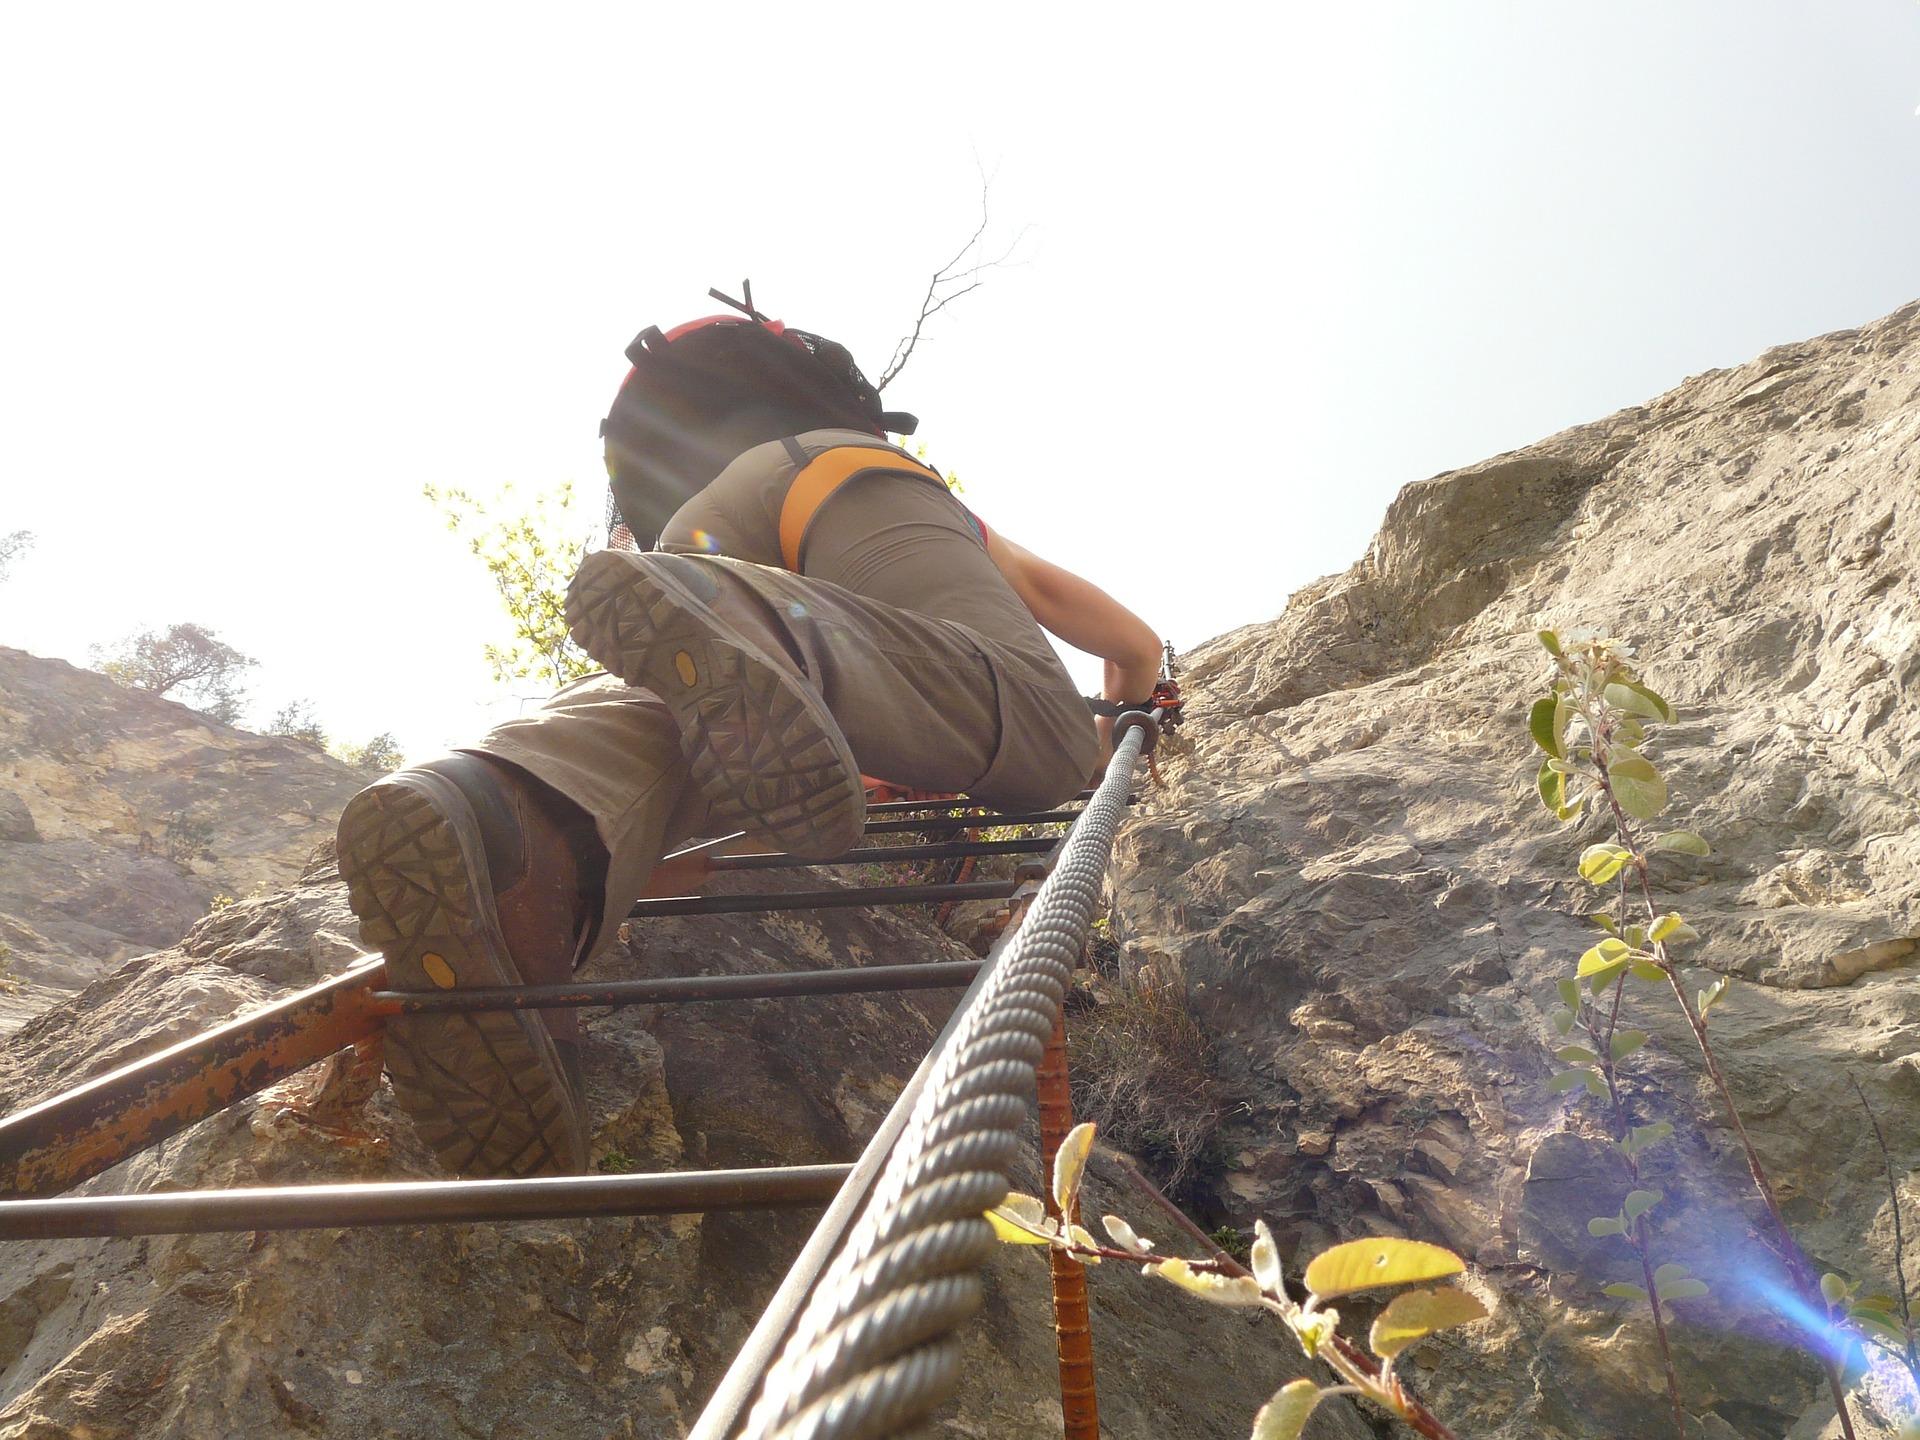 Klettergurt Für Die Halle : Kleine kletterer der richtige klettergurt für kinder outdoorfamilie